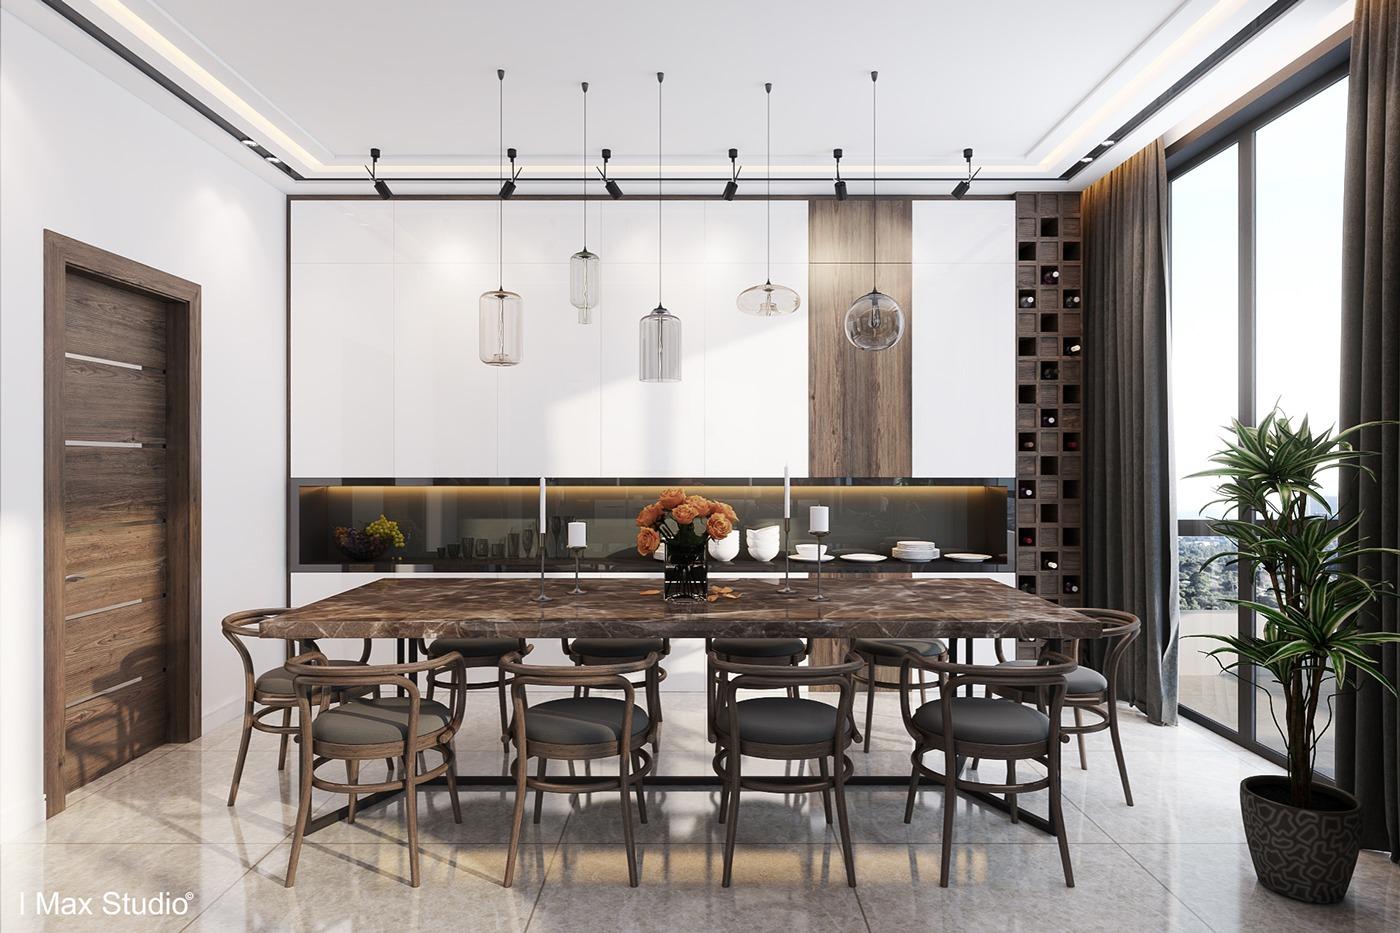 7 pretentious dining room interior design style roohome designs plans - Luxury apartment interior design ideas ...